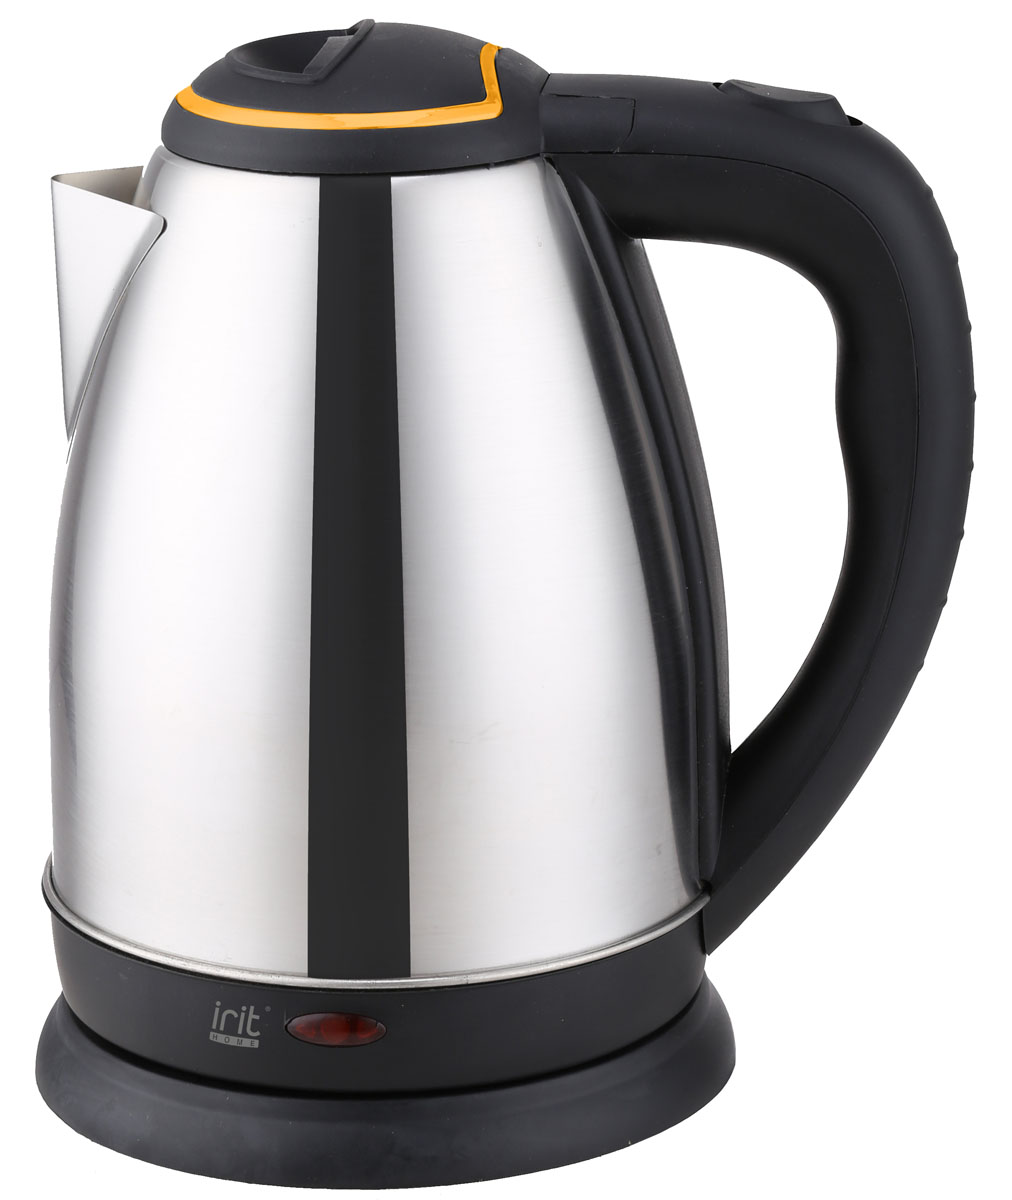 Irit IR-1338, Orange электрический чайник чайник irit ir 1314 1500 вт зелёный 1 8 л нержавеющая сталь